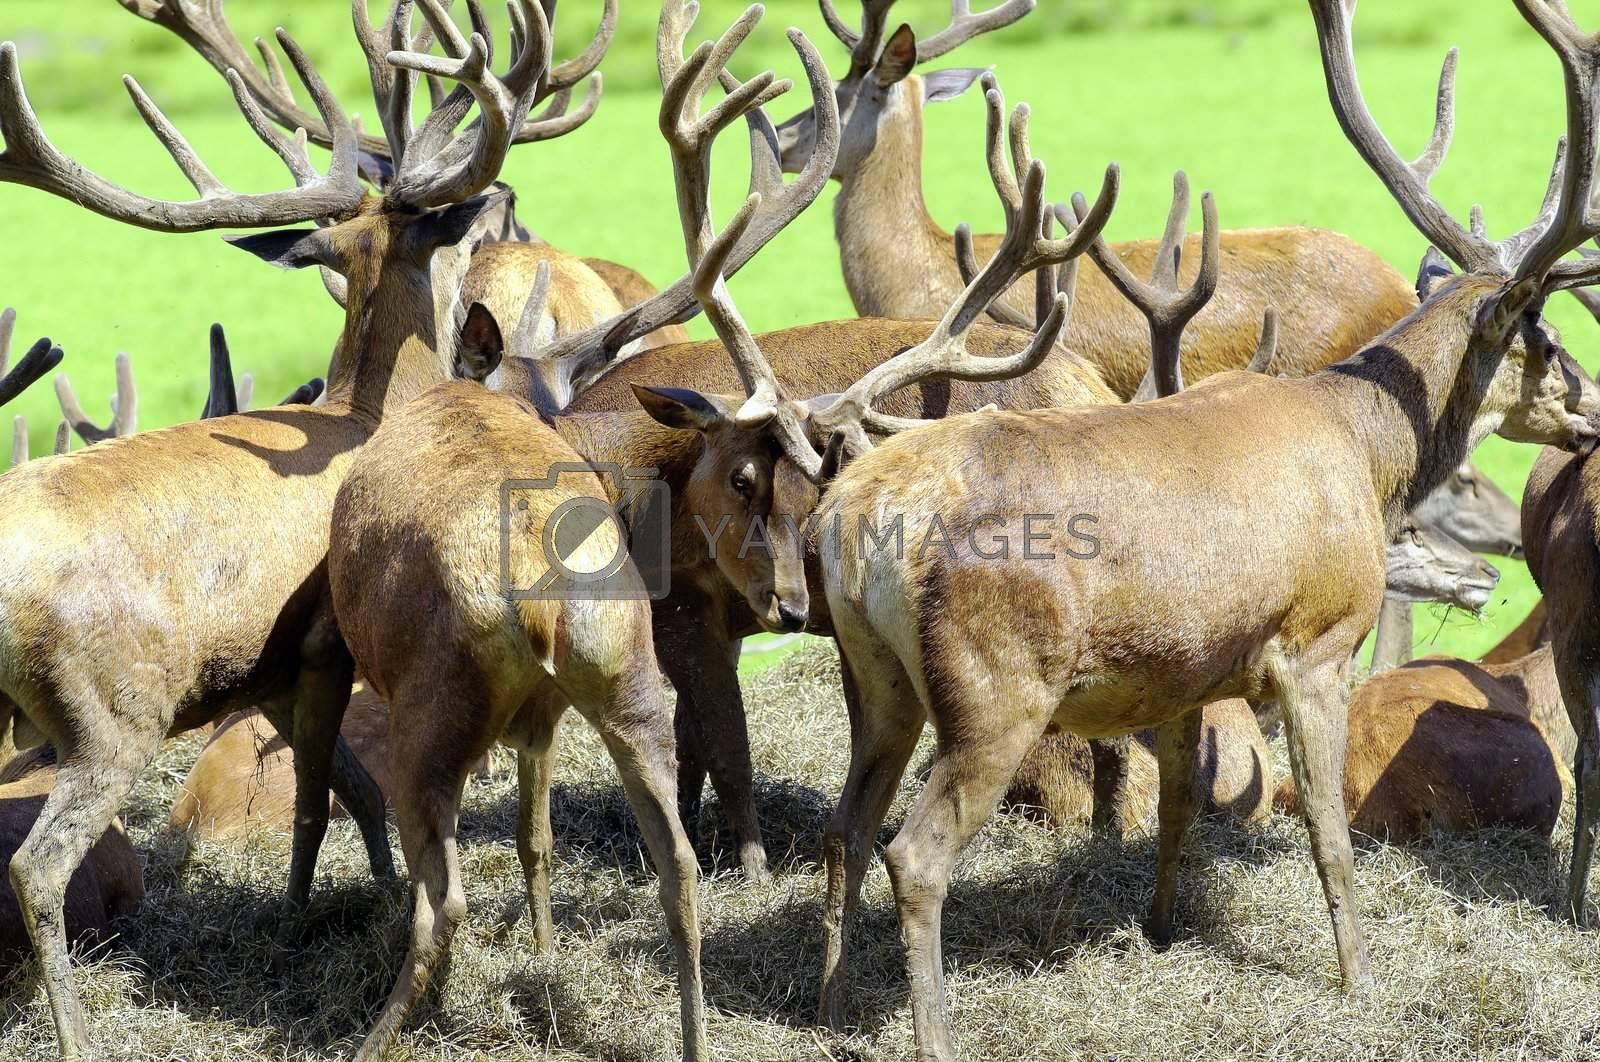 deer herd in a park